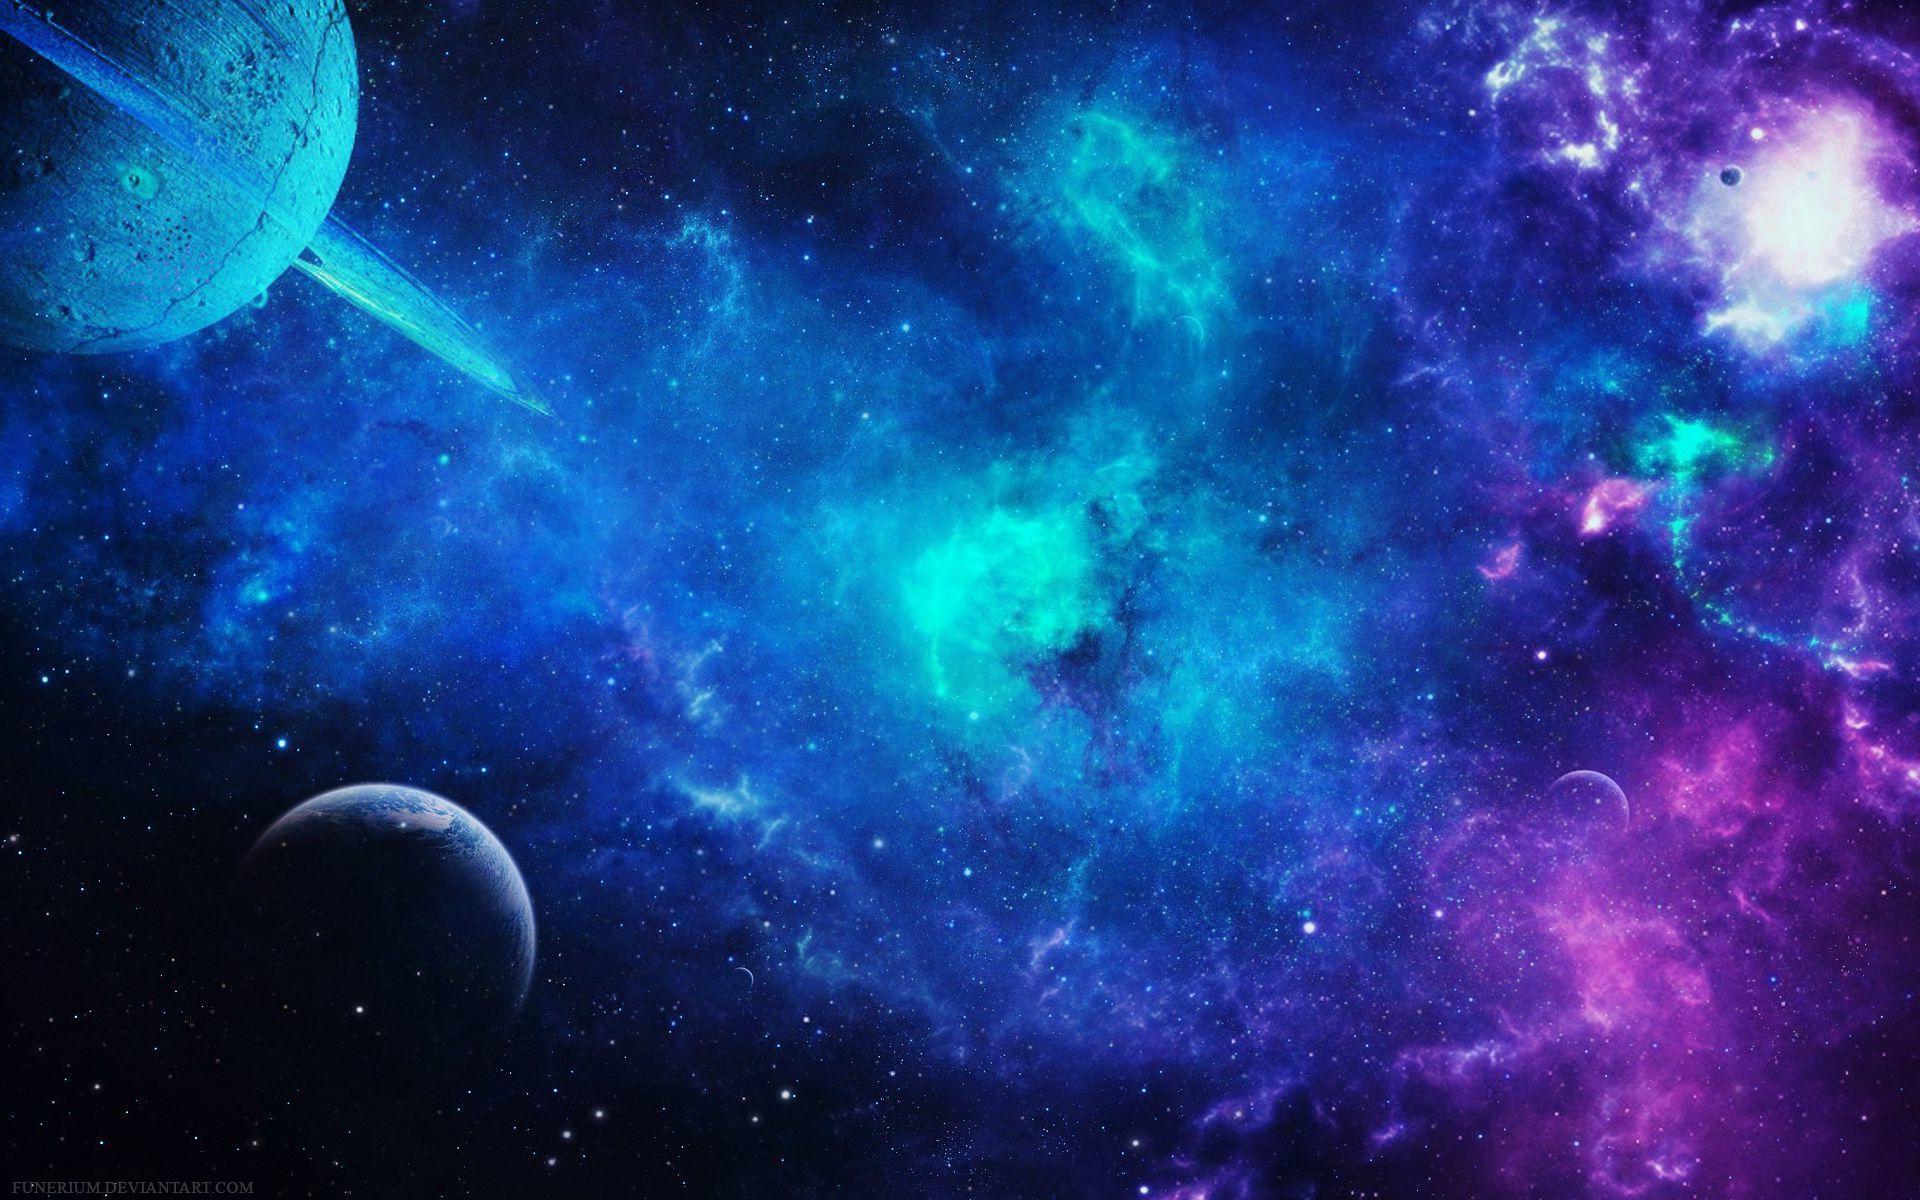 Papel De Parede : Espaço, 3D, Funerium, Galáxia, Estrelas